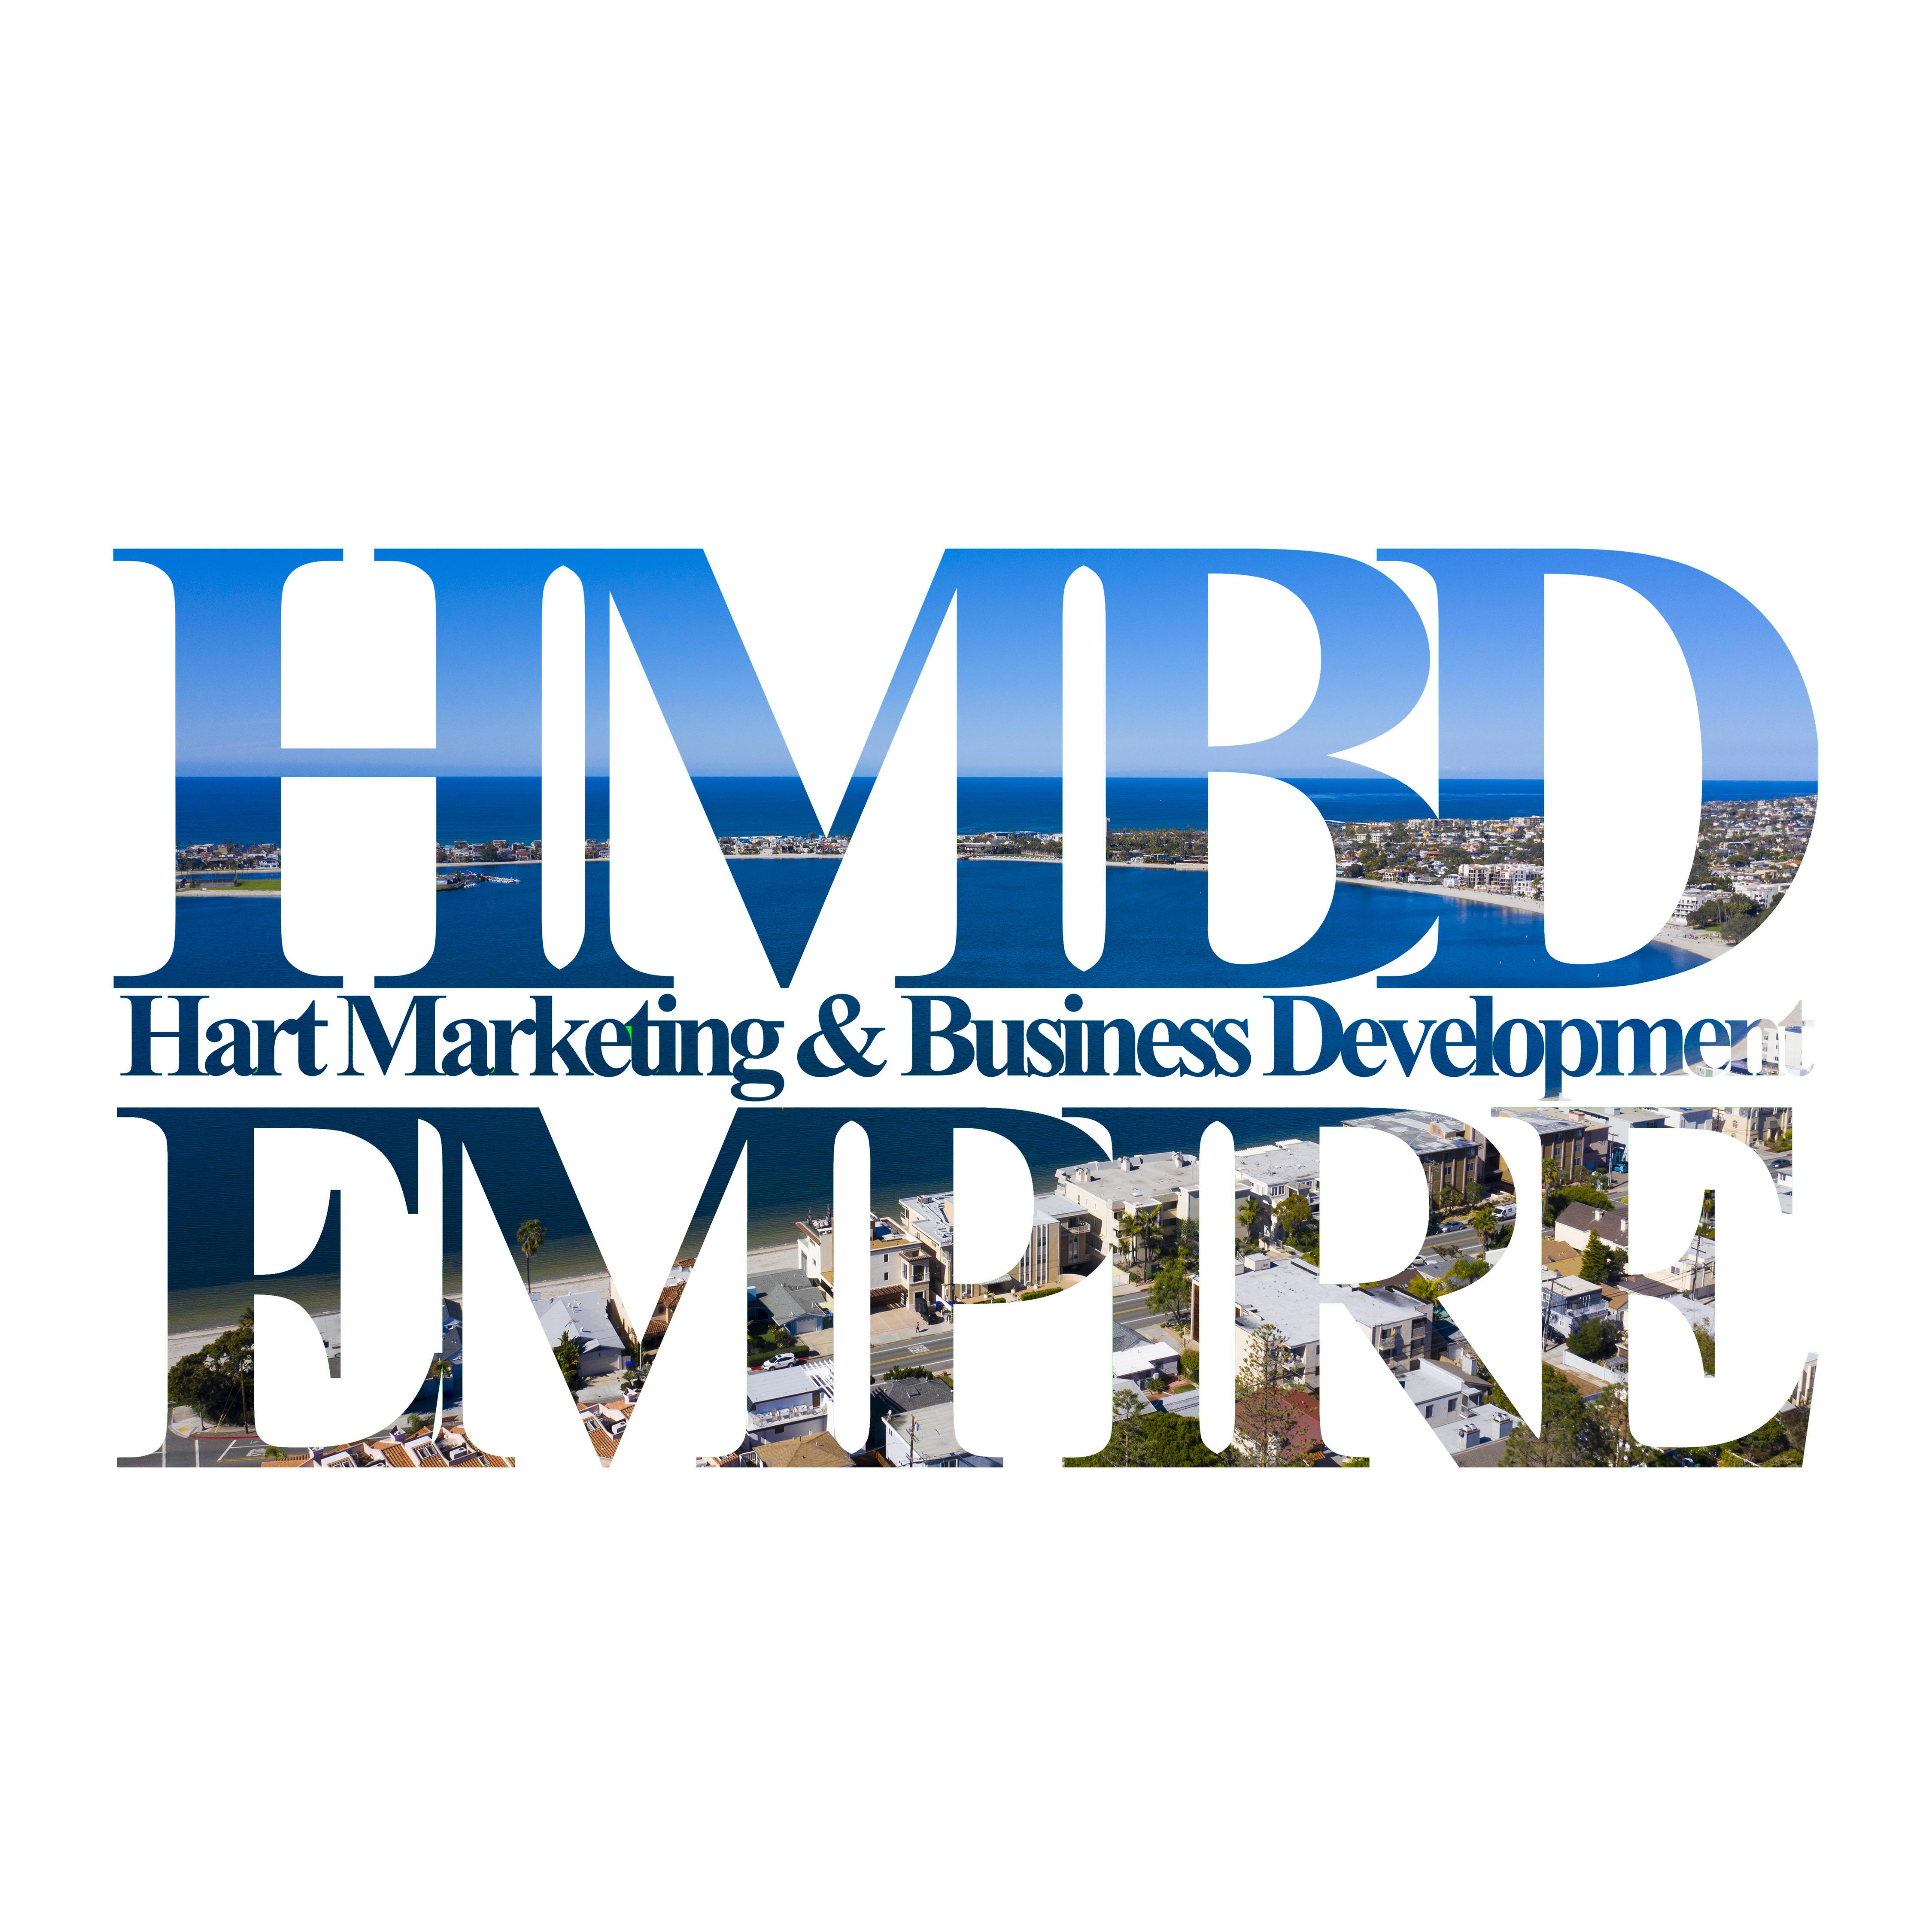 Hart Marketing & Business Development